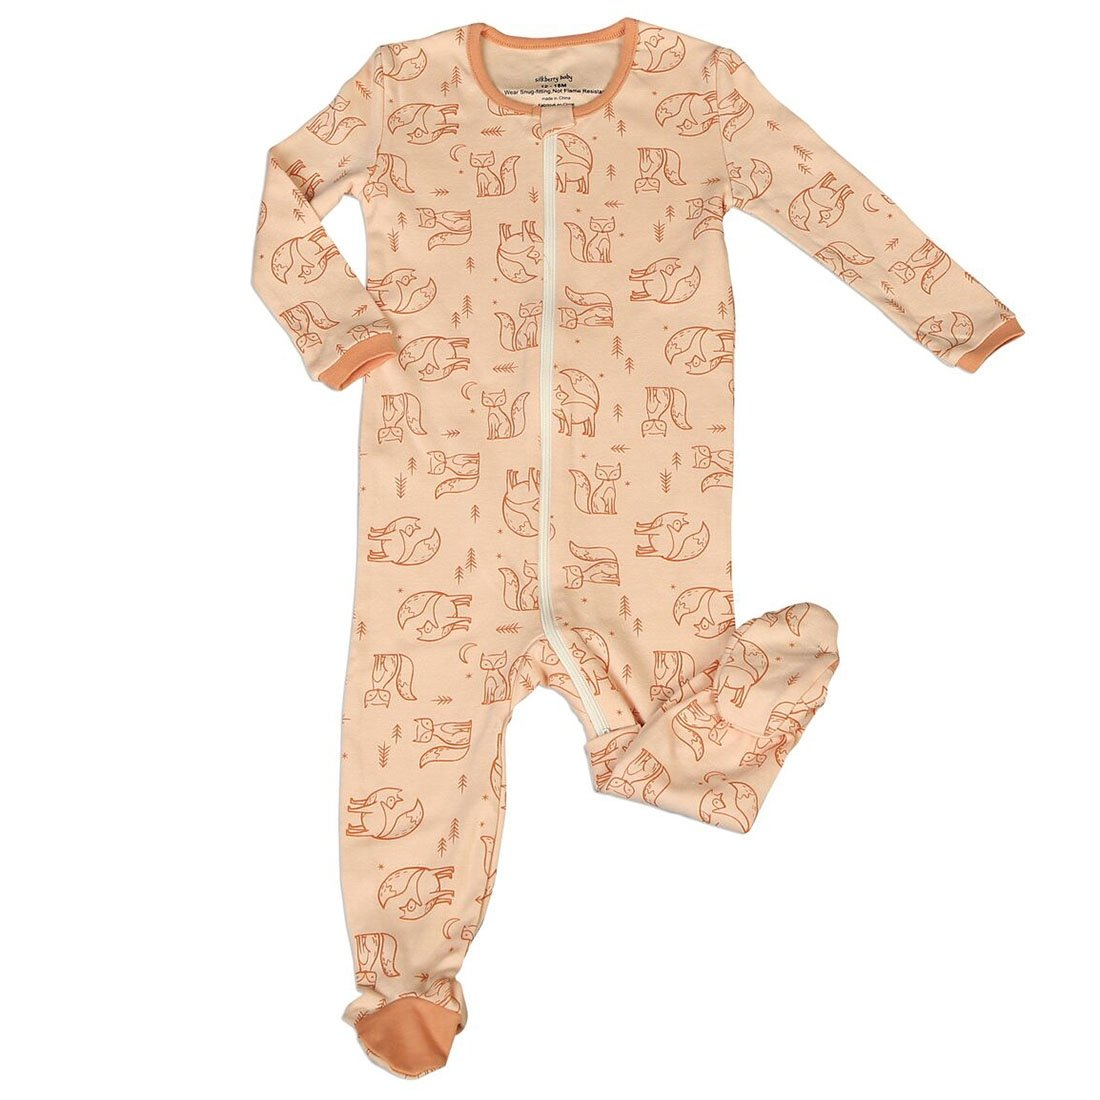 100 %品質保証 Silkberry Baby SLEEPWEAR ベビーボーイズ B07FTFTQMX SLEEPWEAR Months Peach Fox Fox 0 - 3 Months 0 - 3 Months|Peach Fox, Giyaman Jewellery:6f316e22 --- arianechie.dominiotemporario.com